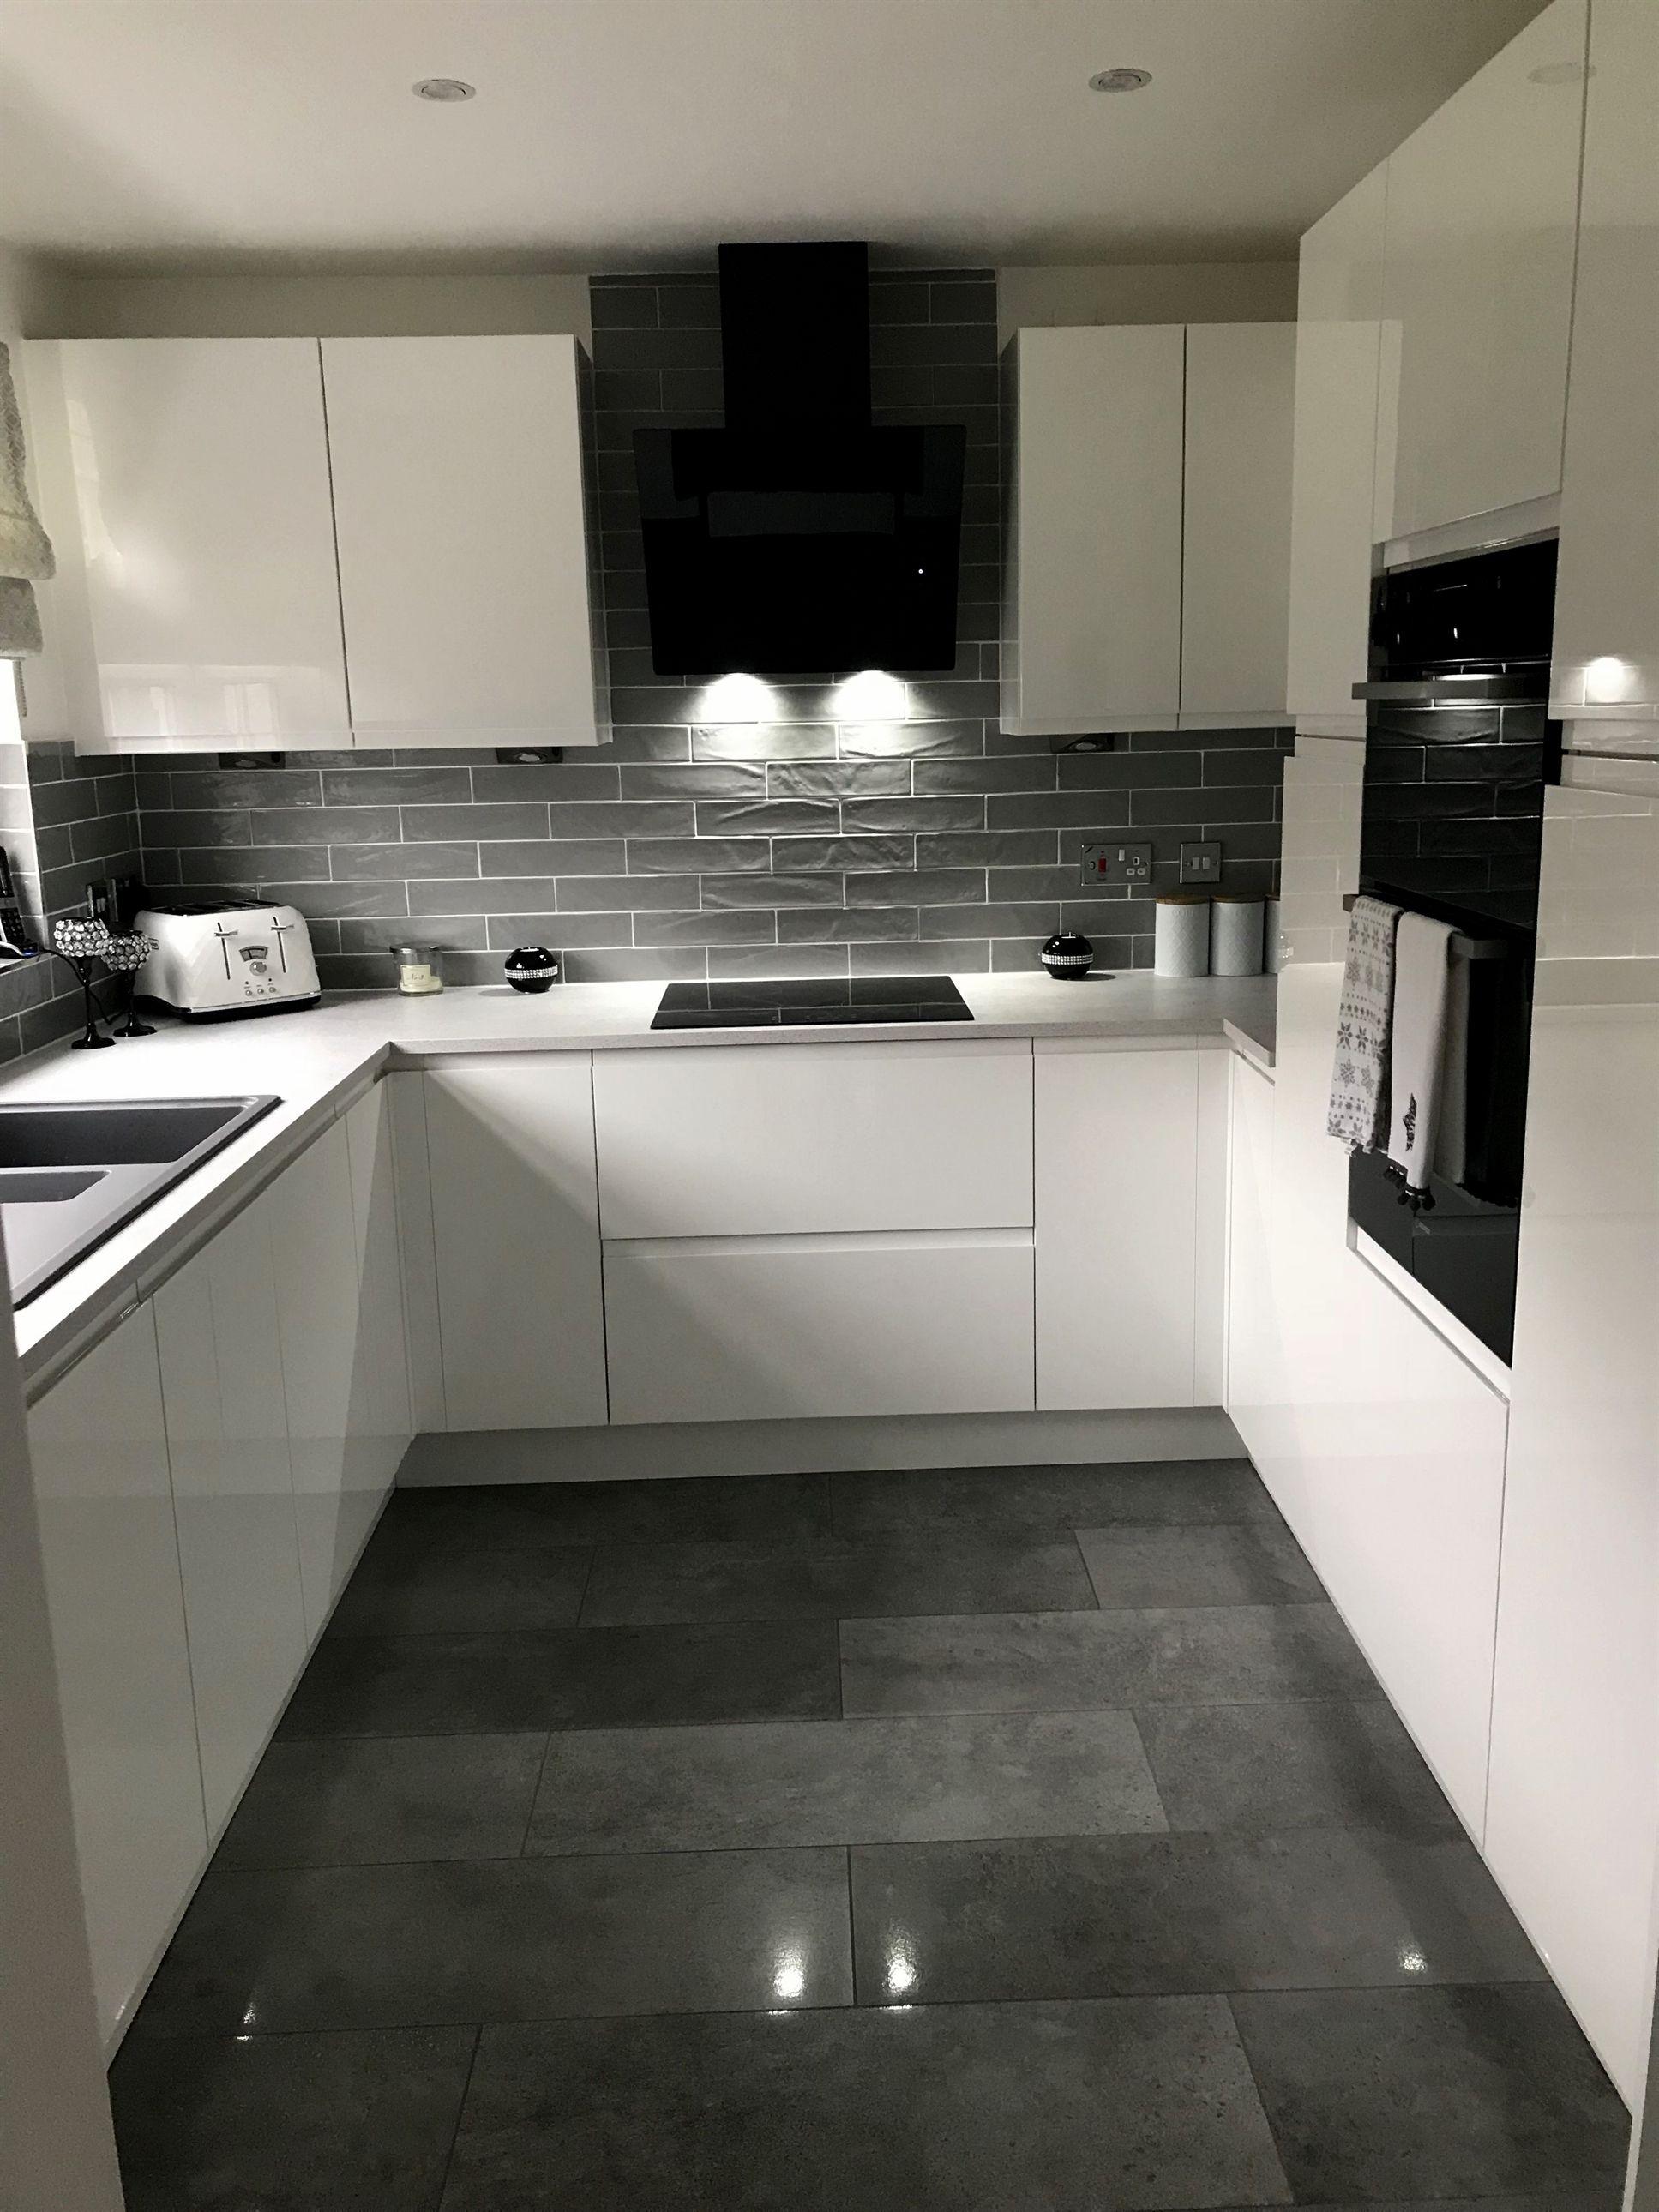 Modern Style Kitchen With Fantastic Storage Capacity Contemporarykitchens Best Kitchen Designs Kitchen Design Small Kitchen Design